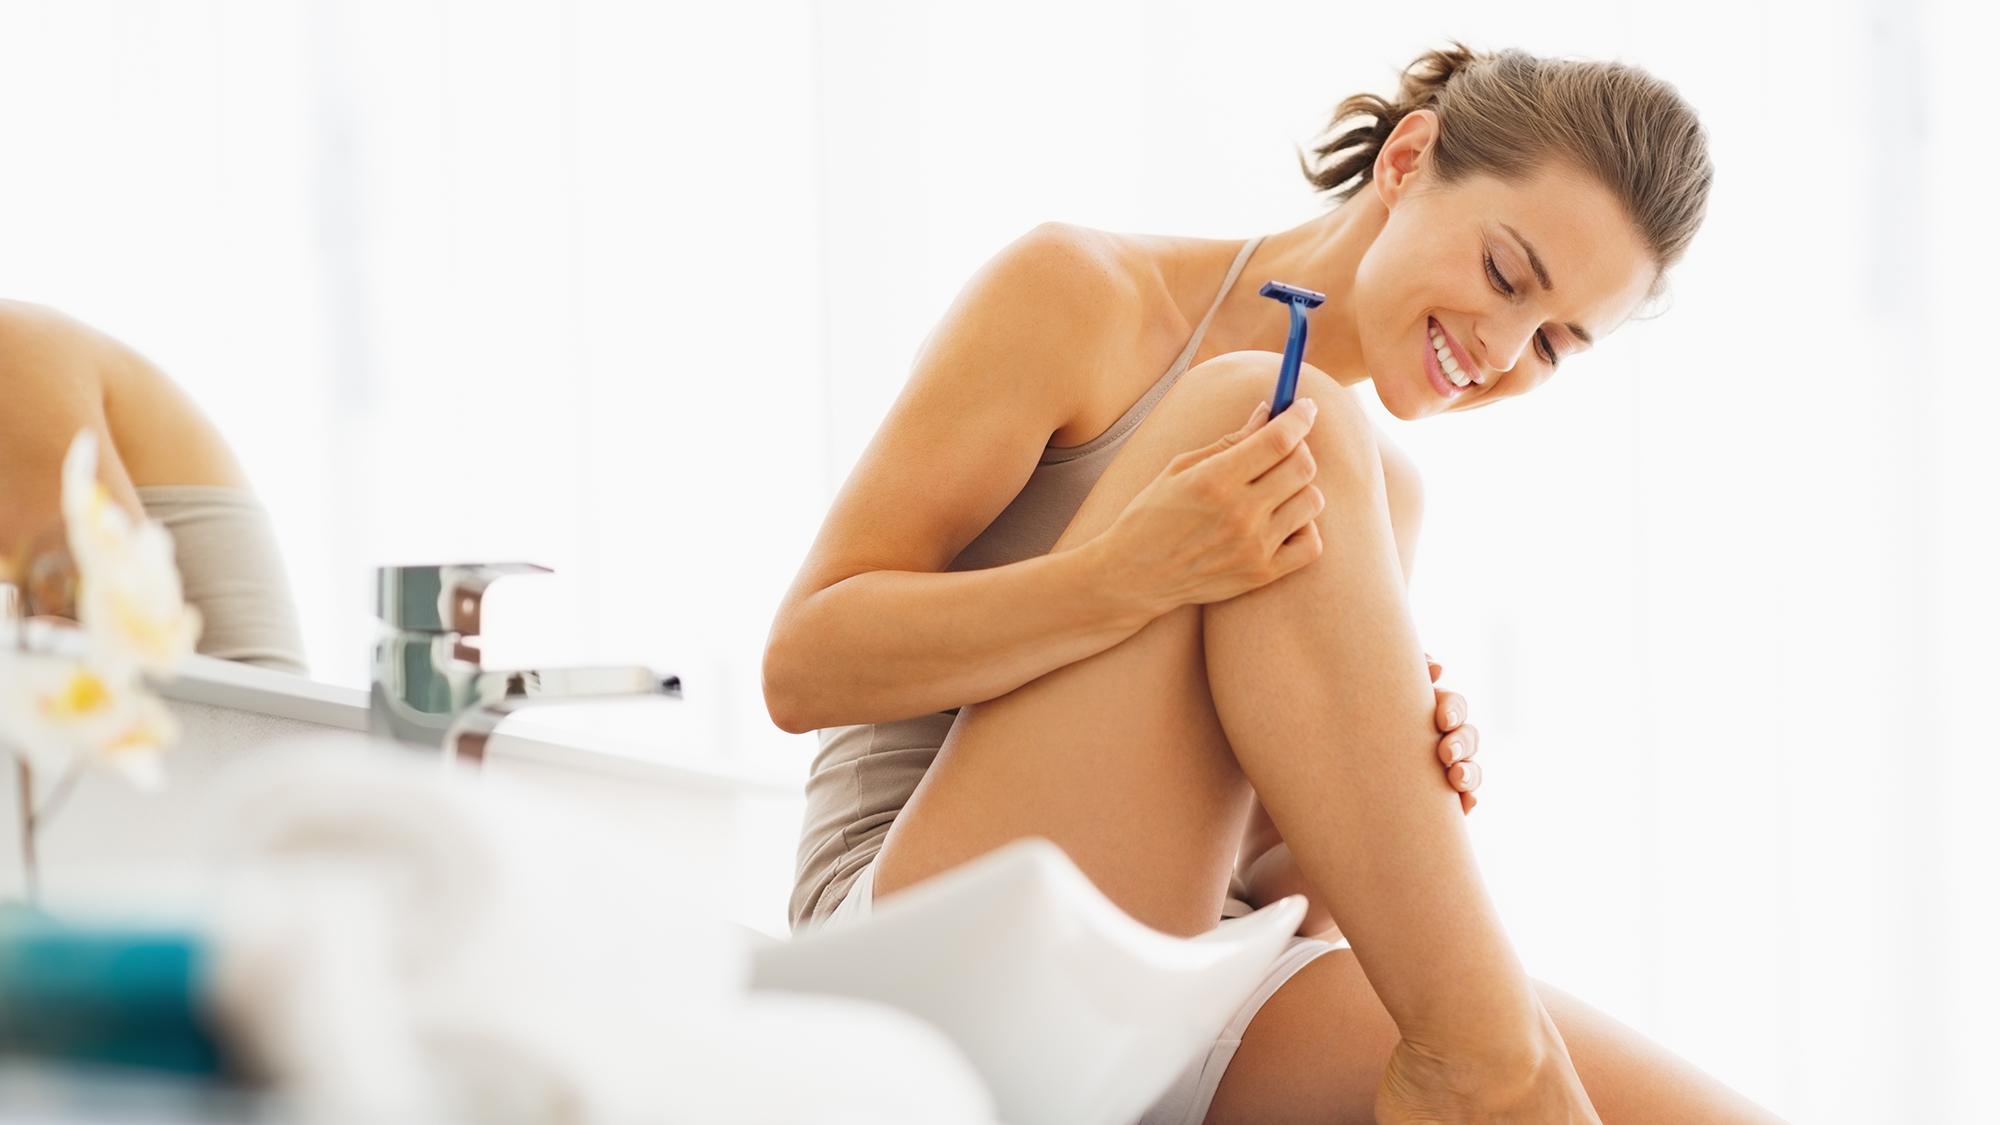 Největší výběr dlouhých porno videí na téma holení kundy.